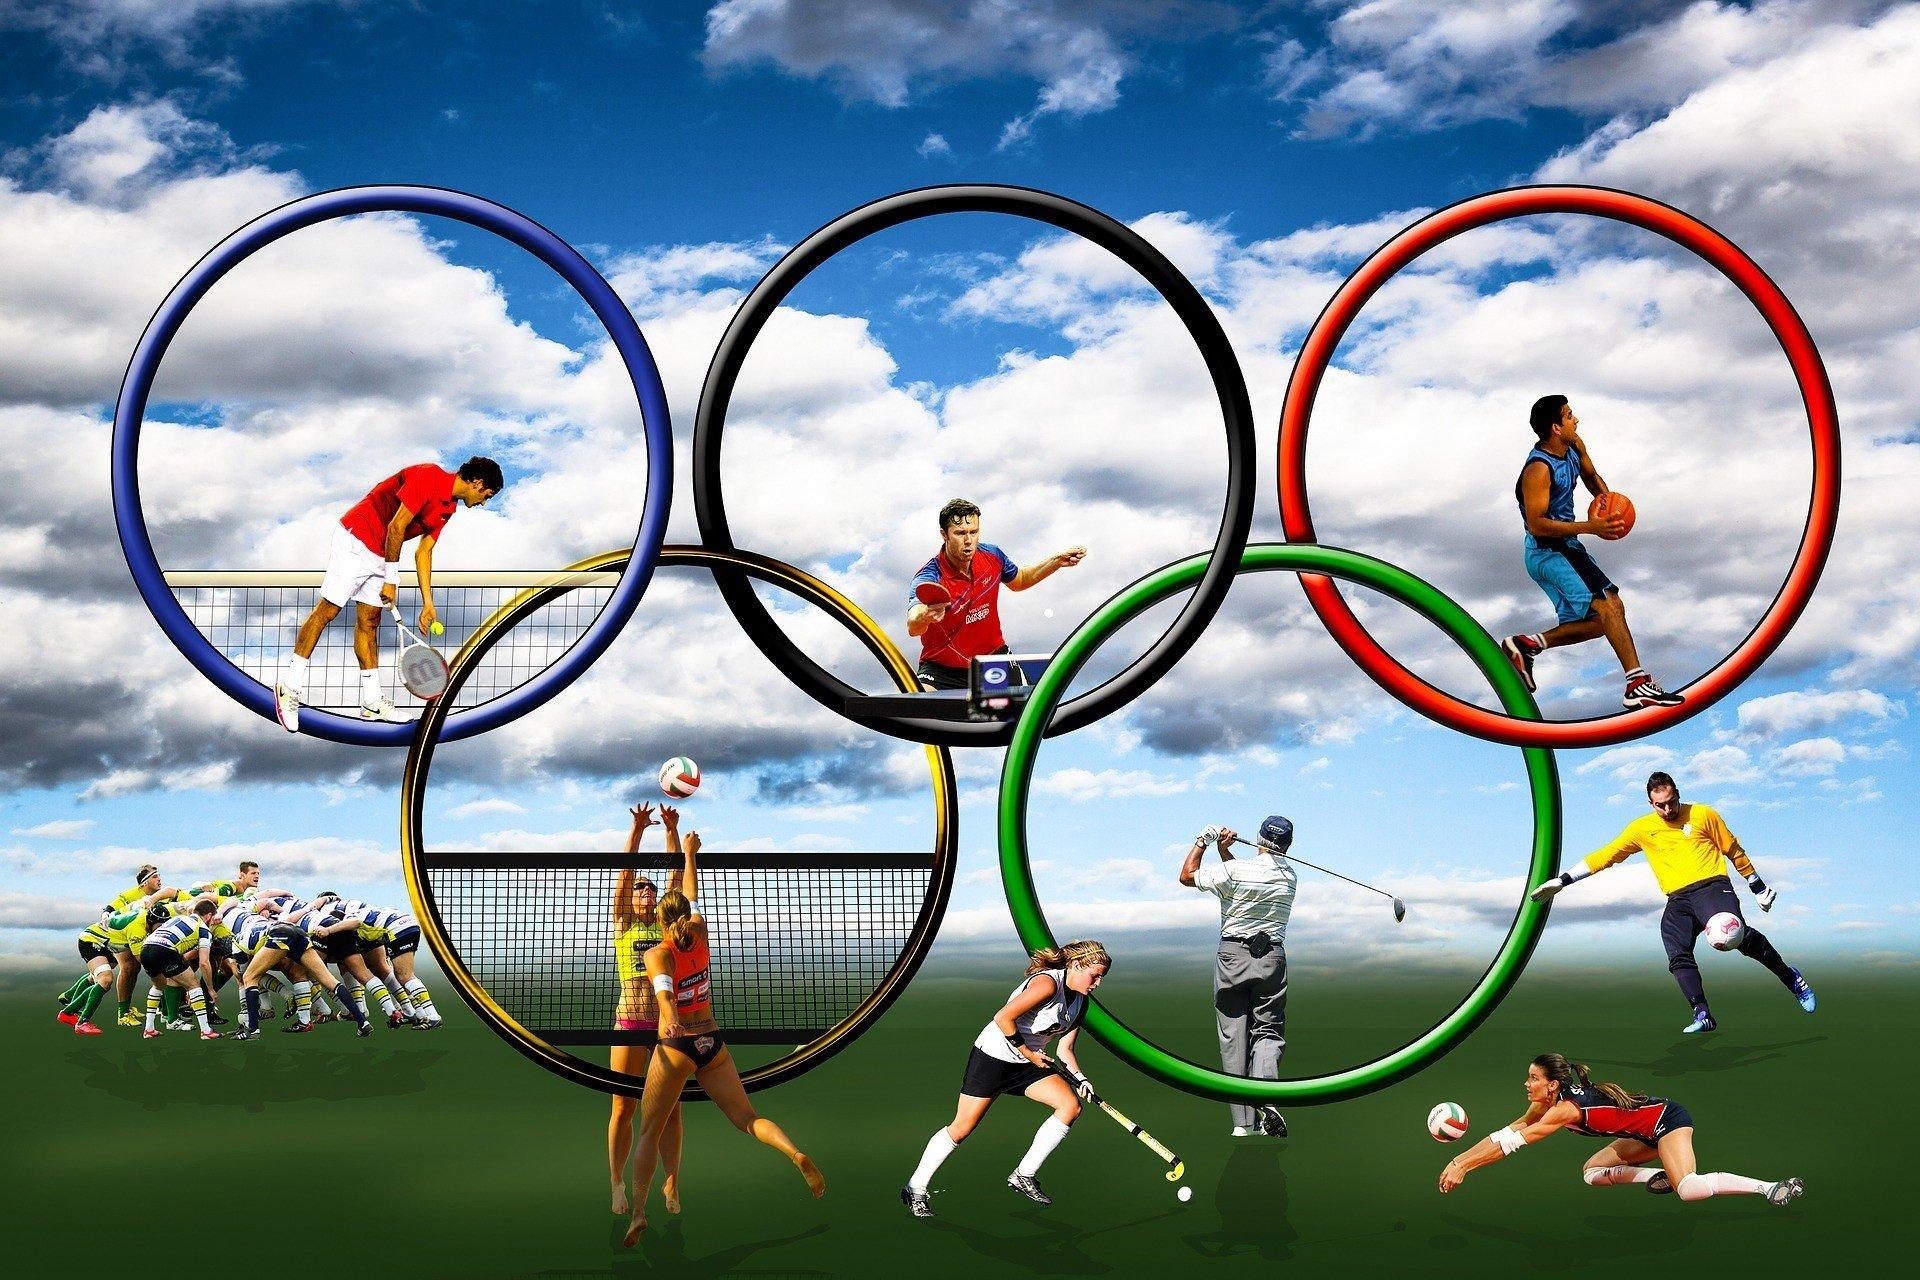 Вадим Гутцайт рассказал, когда в Украине могут пройти Олимпийские игры